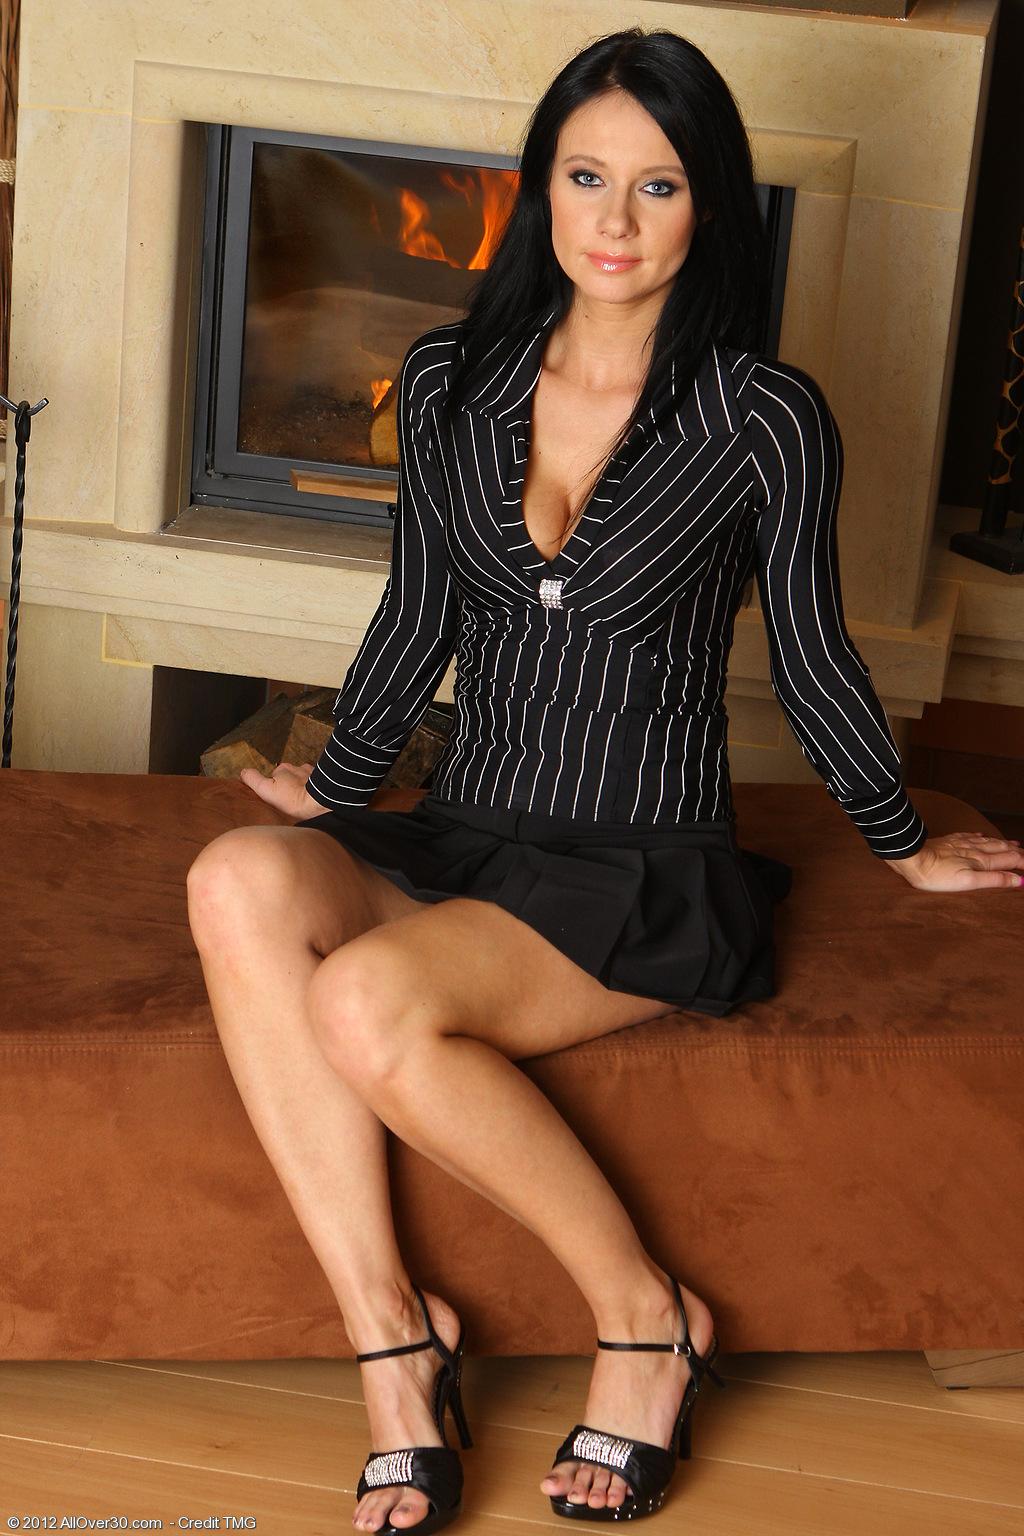 raven-haired-brunette-babe-jana-krabcova-wearing-white-lingerie-1.jpg